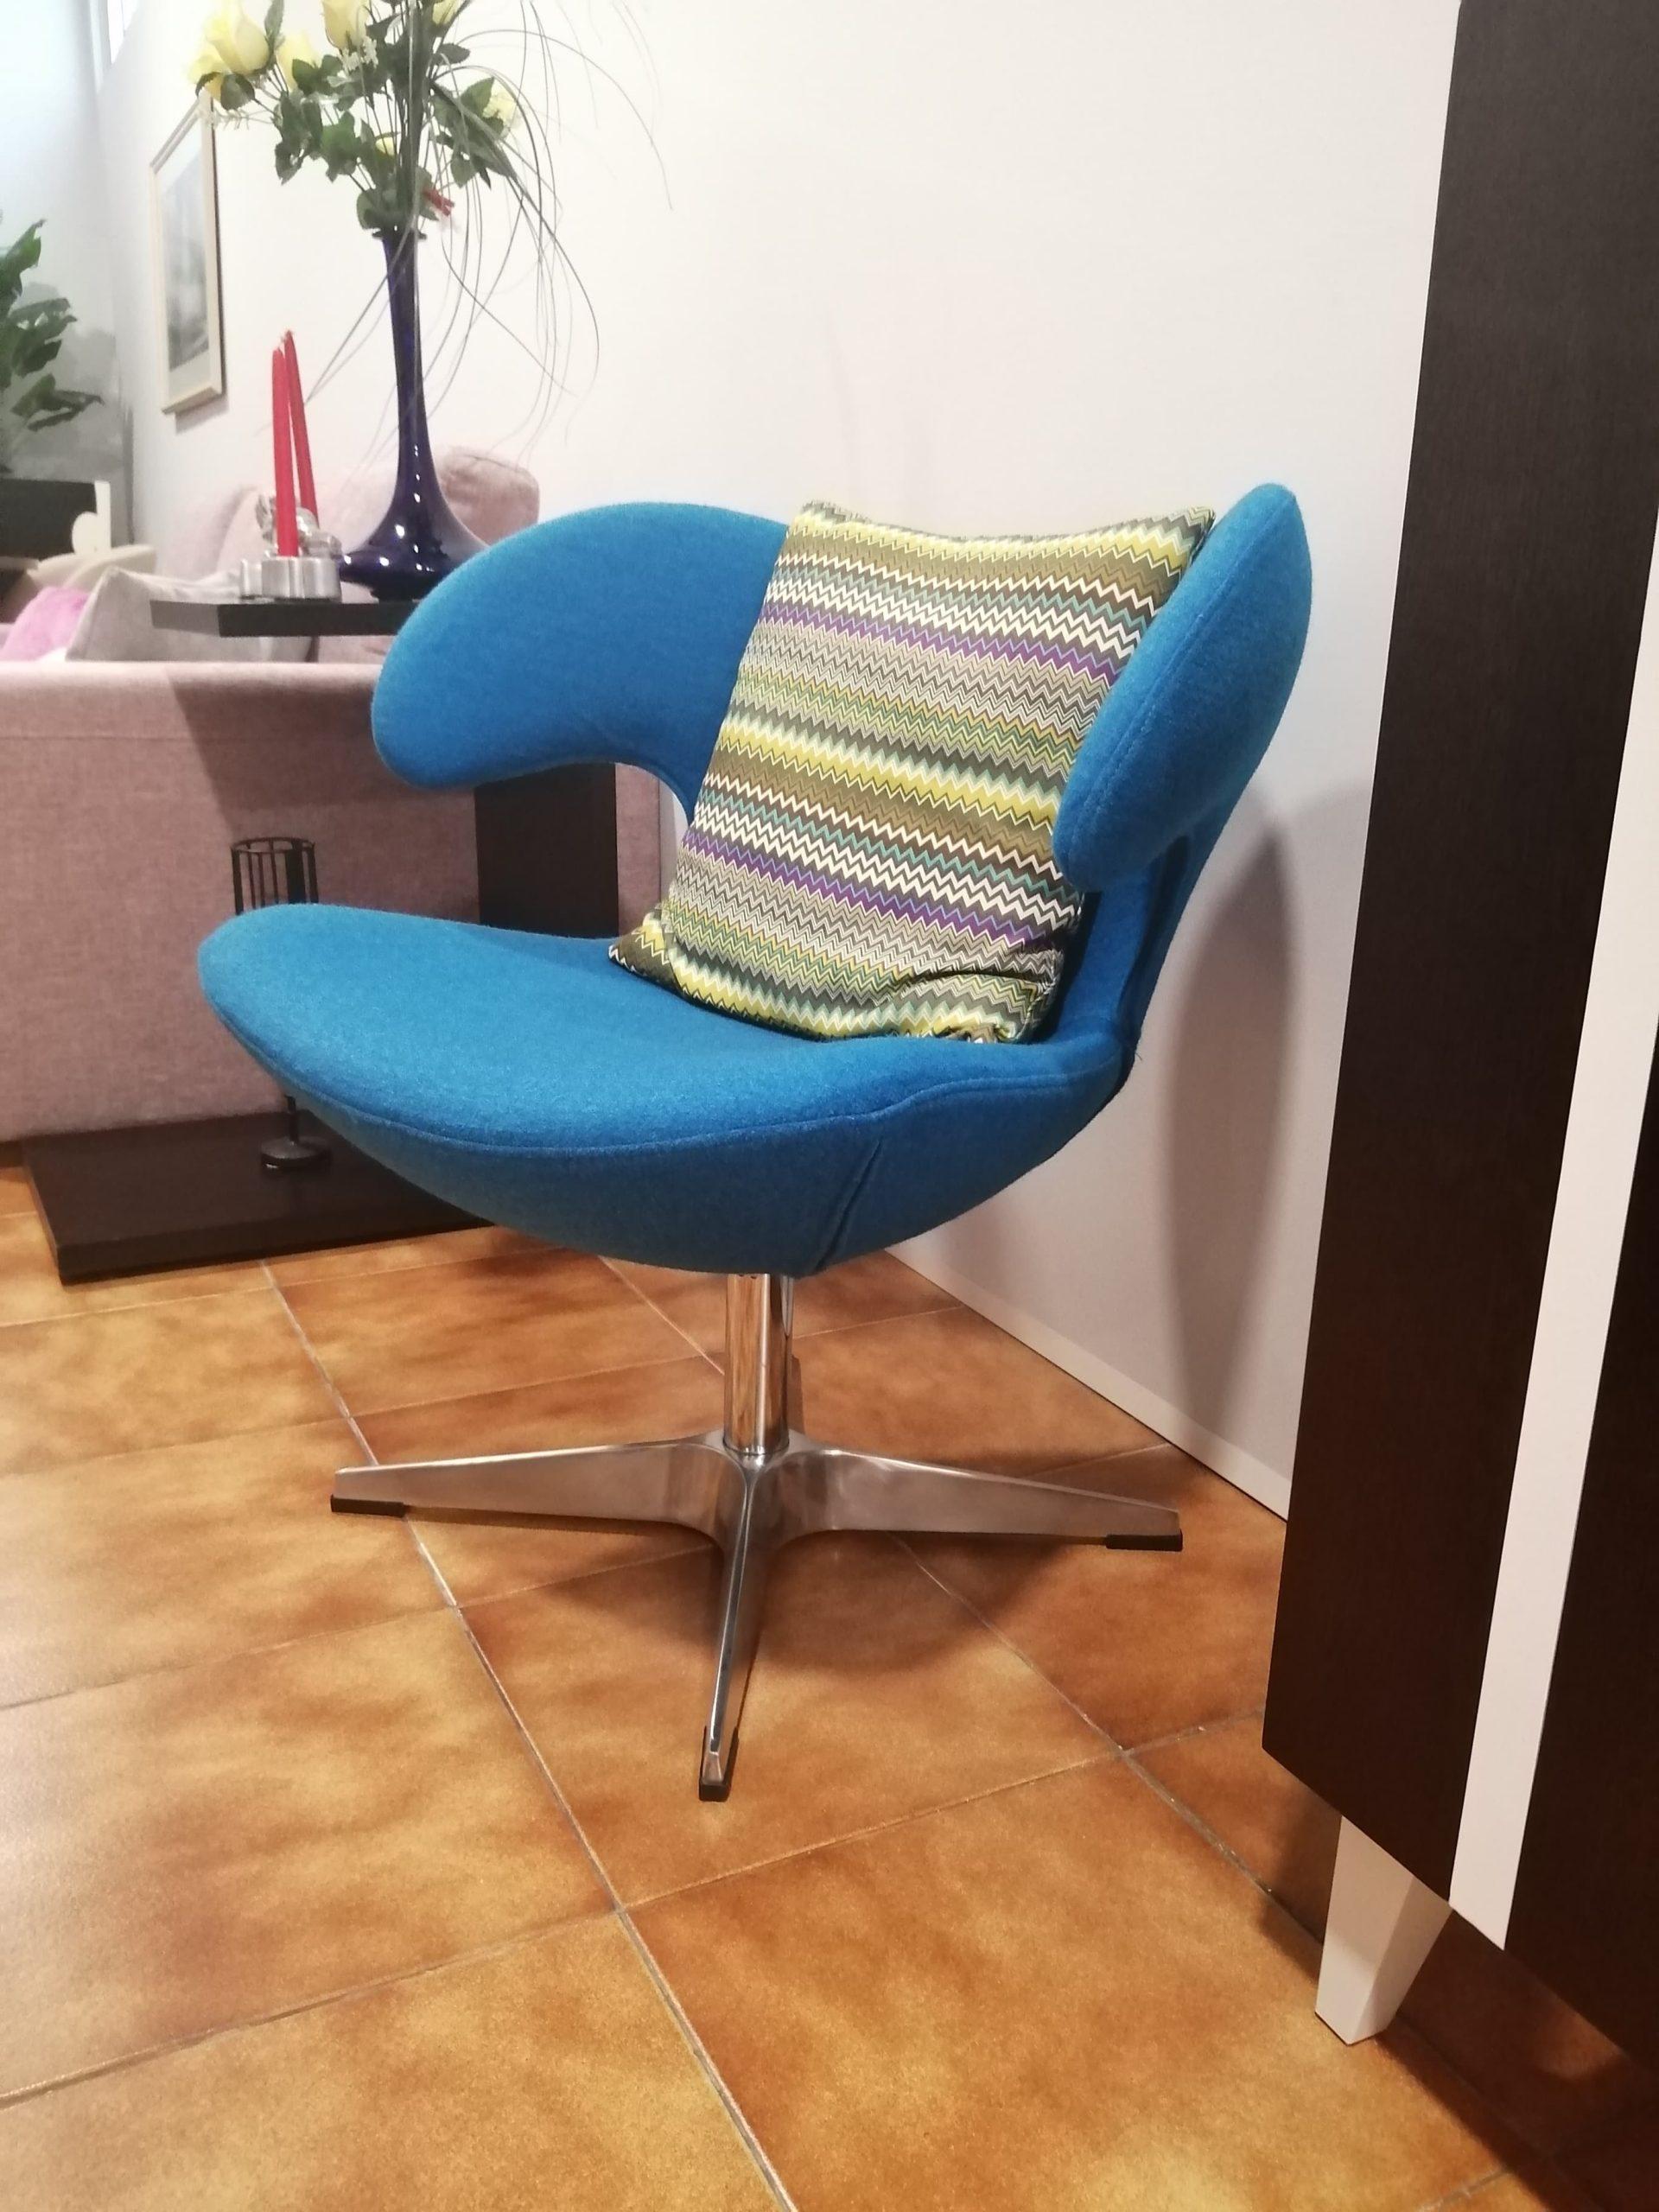 Cadeirao Garra Azul - ref Cadeirao0005